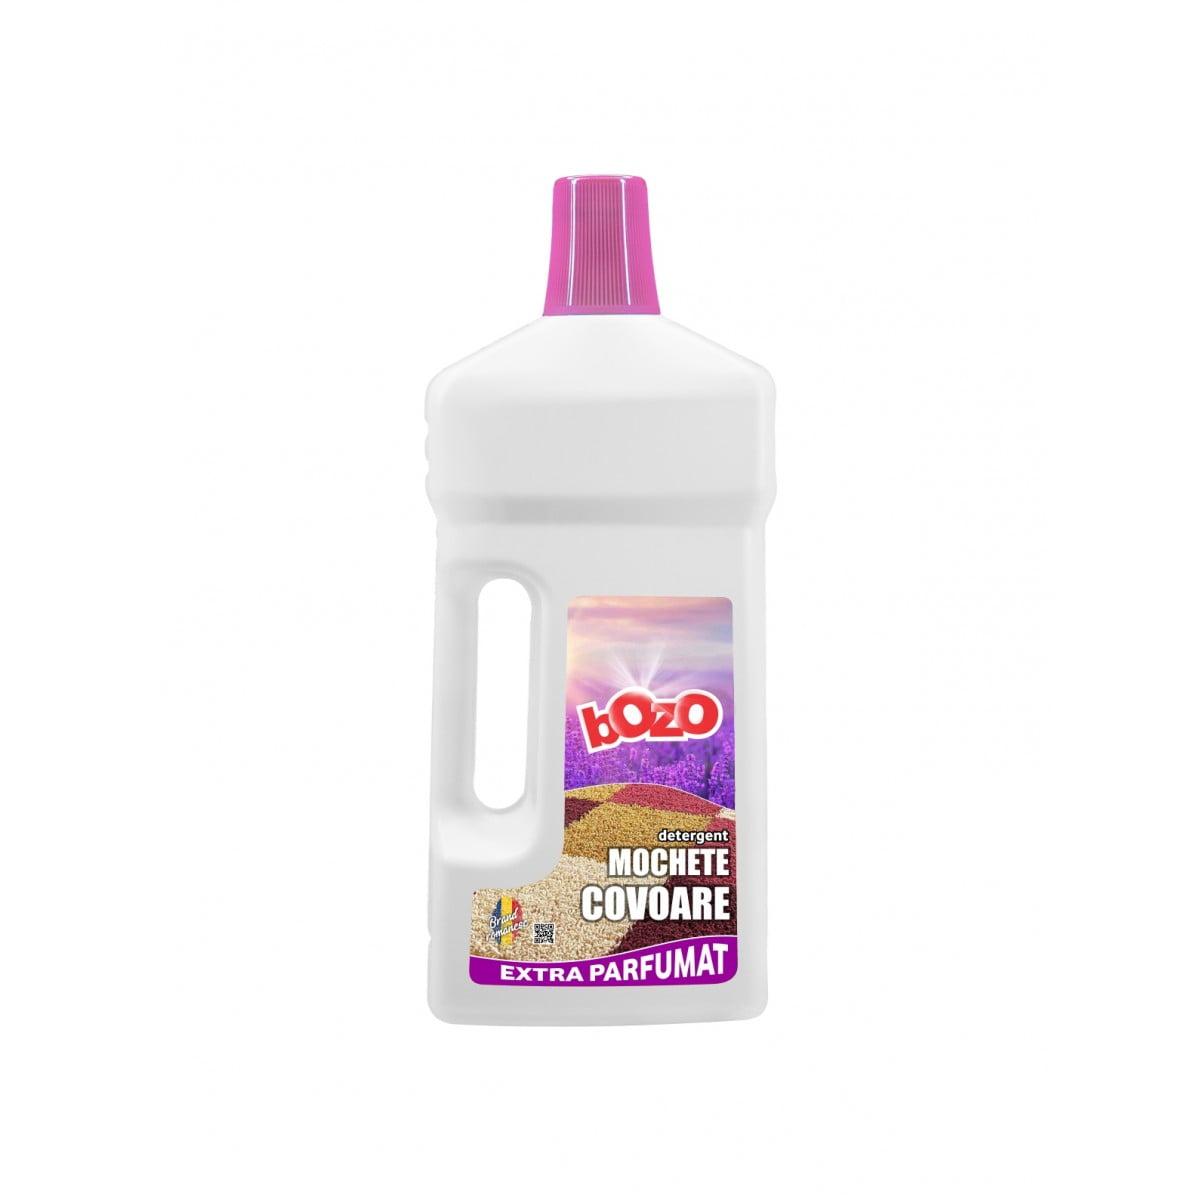 Detergent concentrat mochete + covoare, Bozo, 1 kg poza somnart.ro